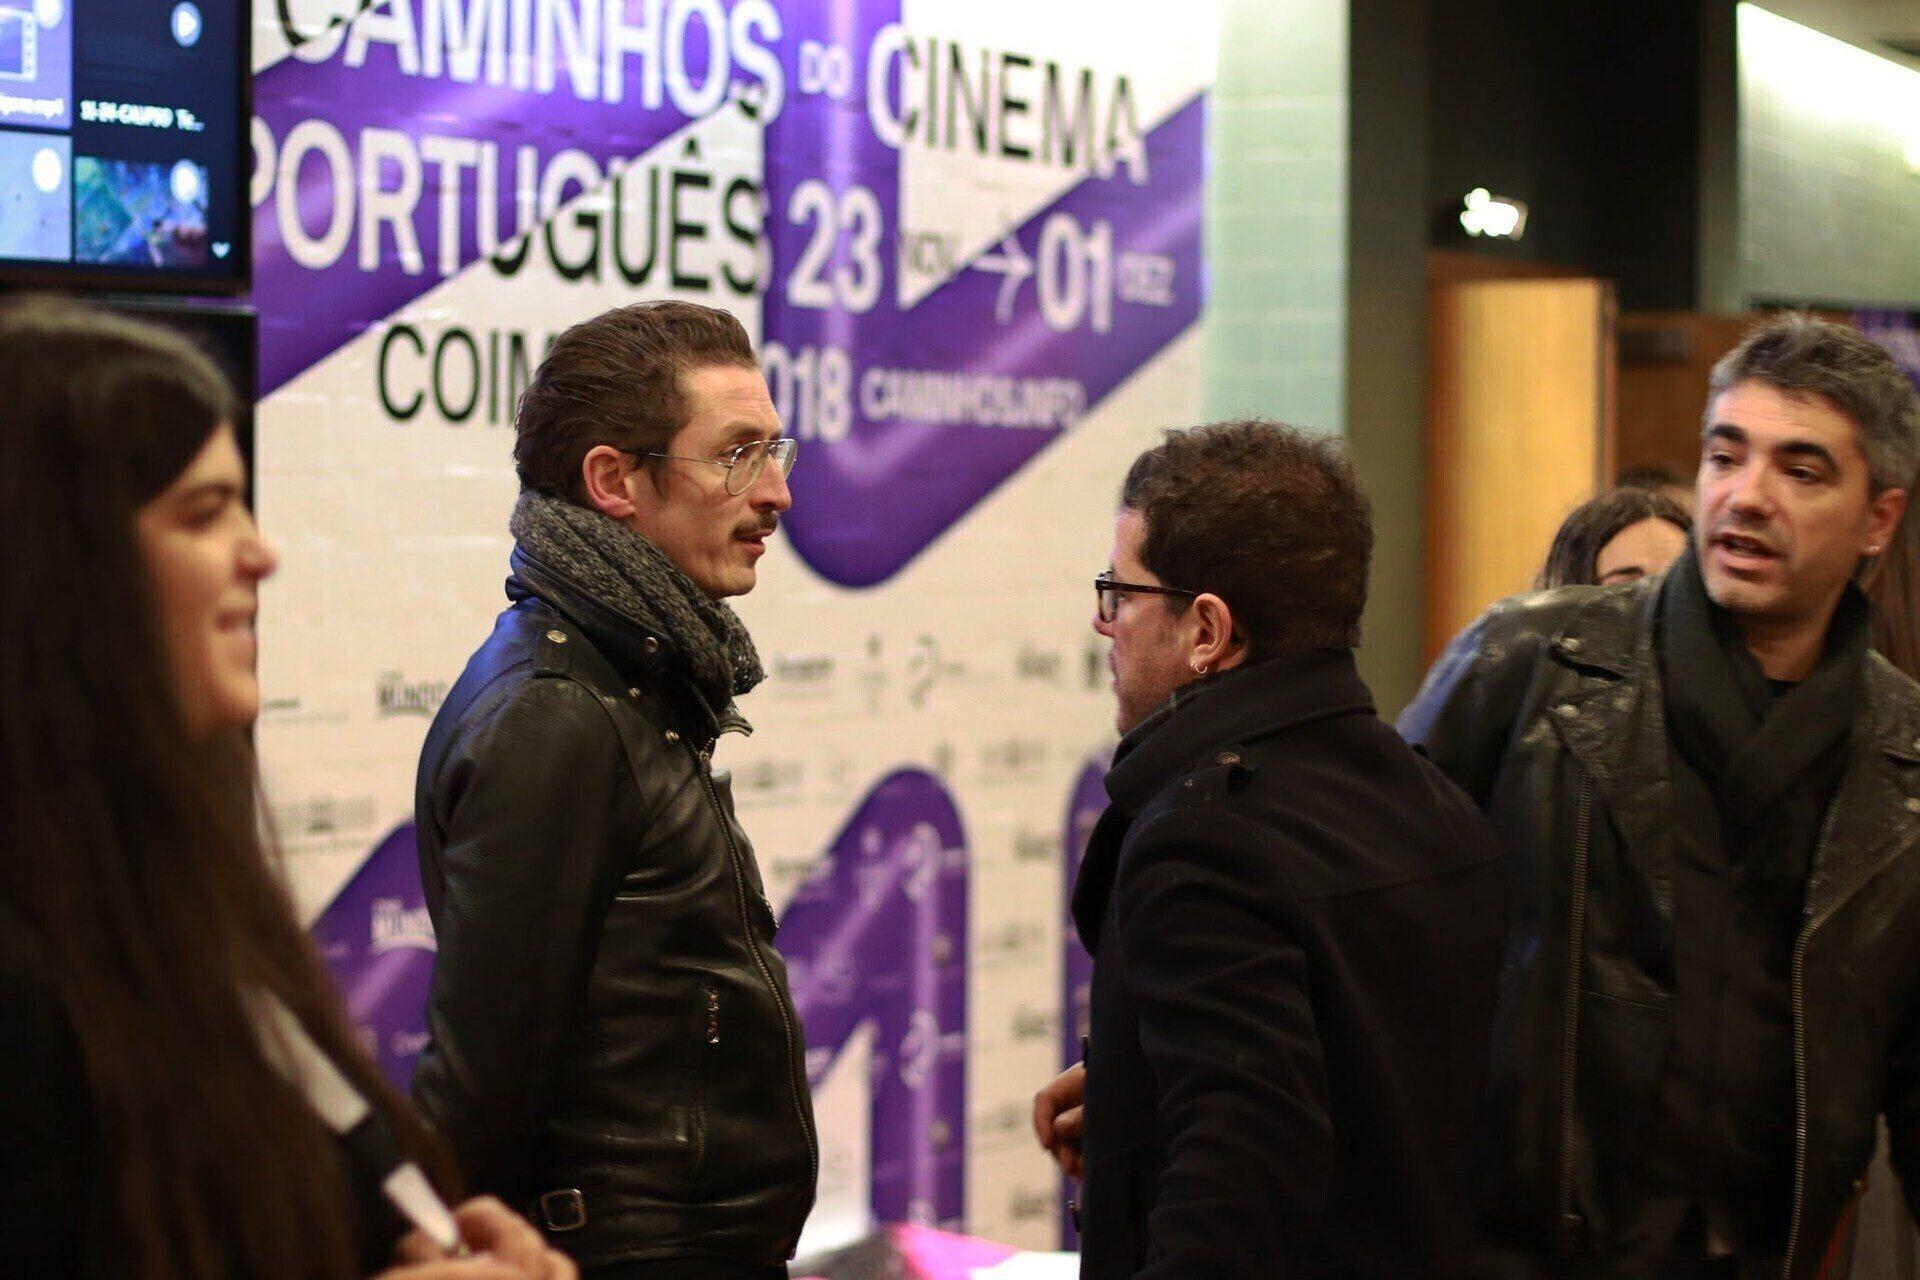 Paulo Furtado, Eduardo Brito e Rodrigo Areias